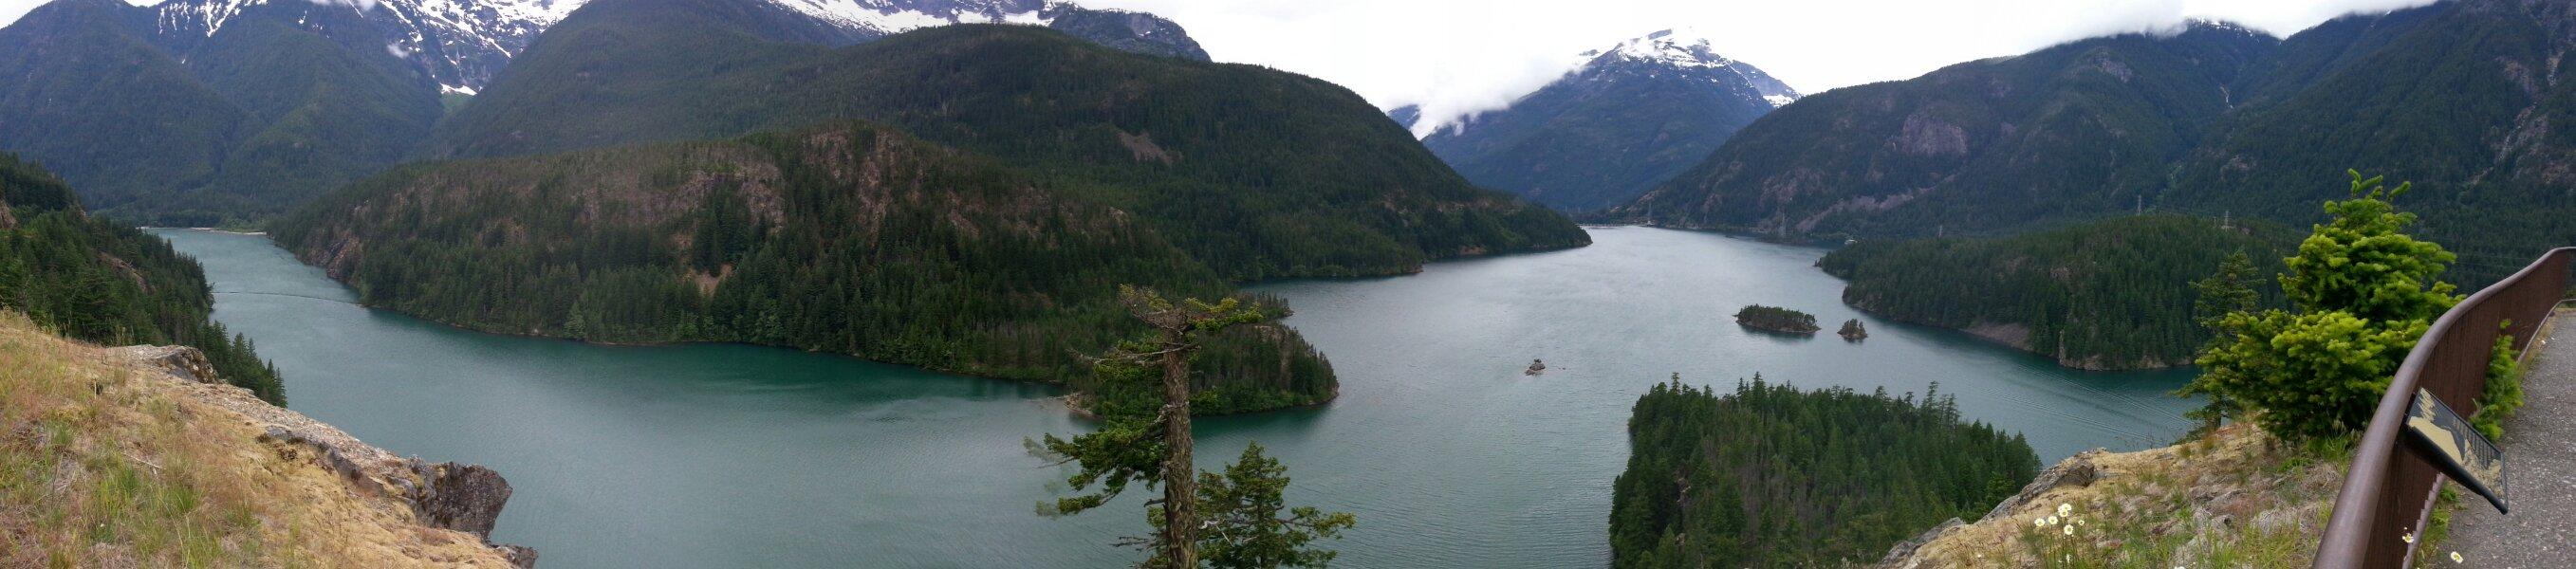 Diablo Lake, Washington